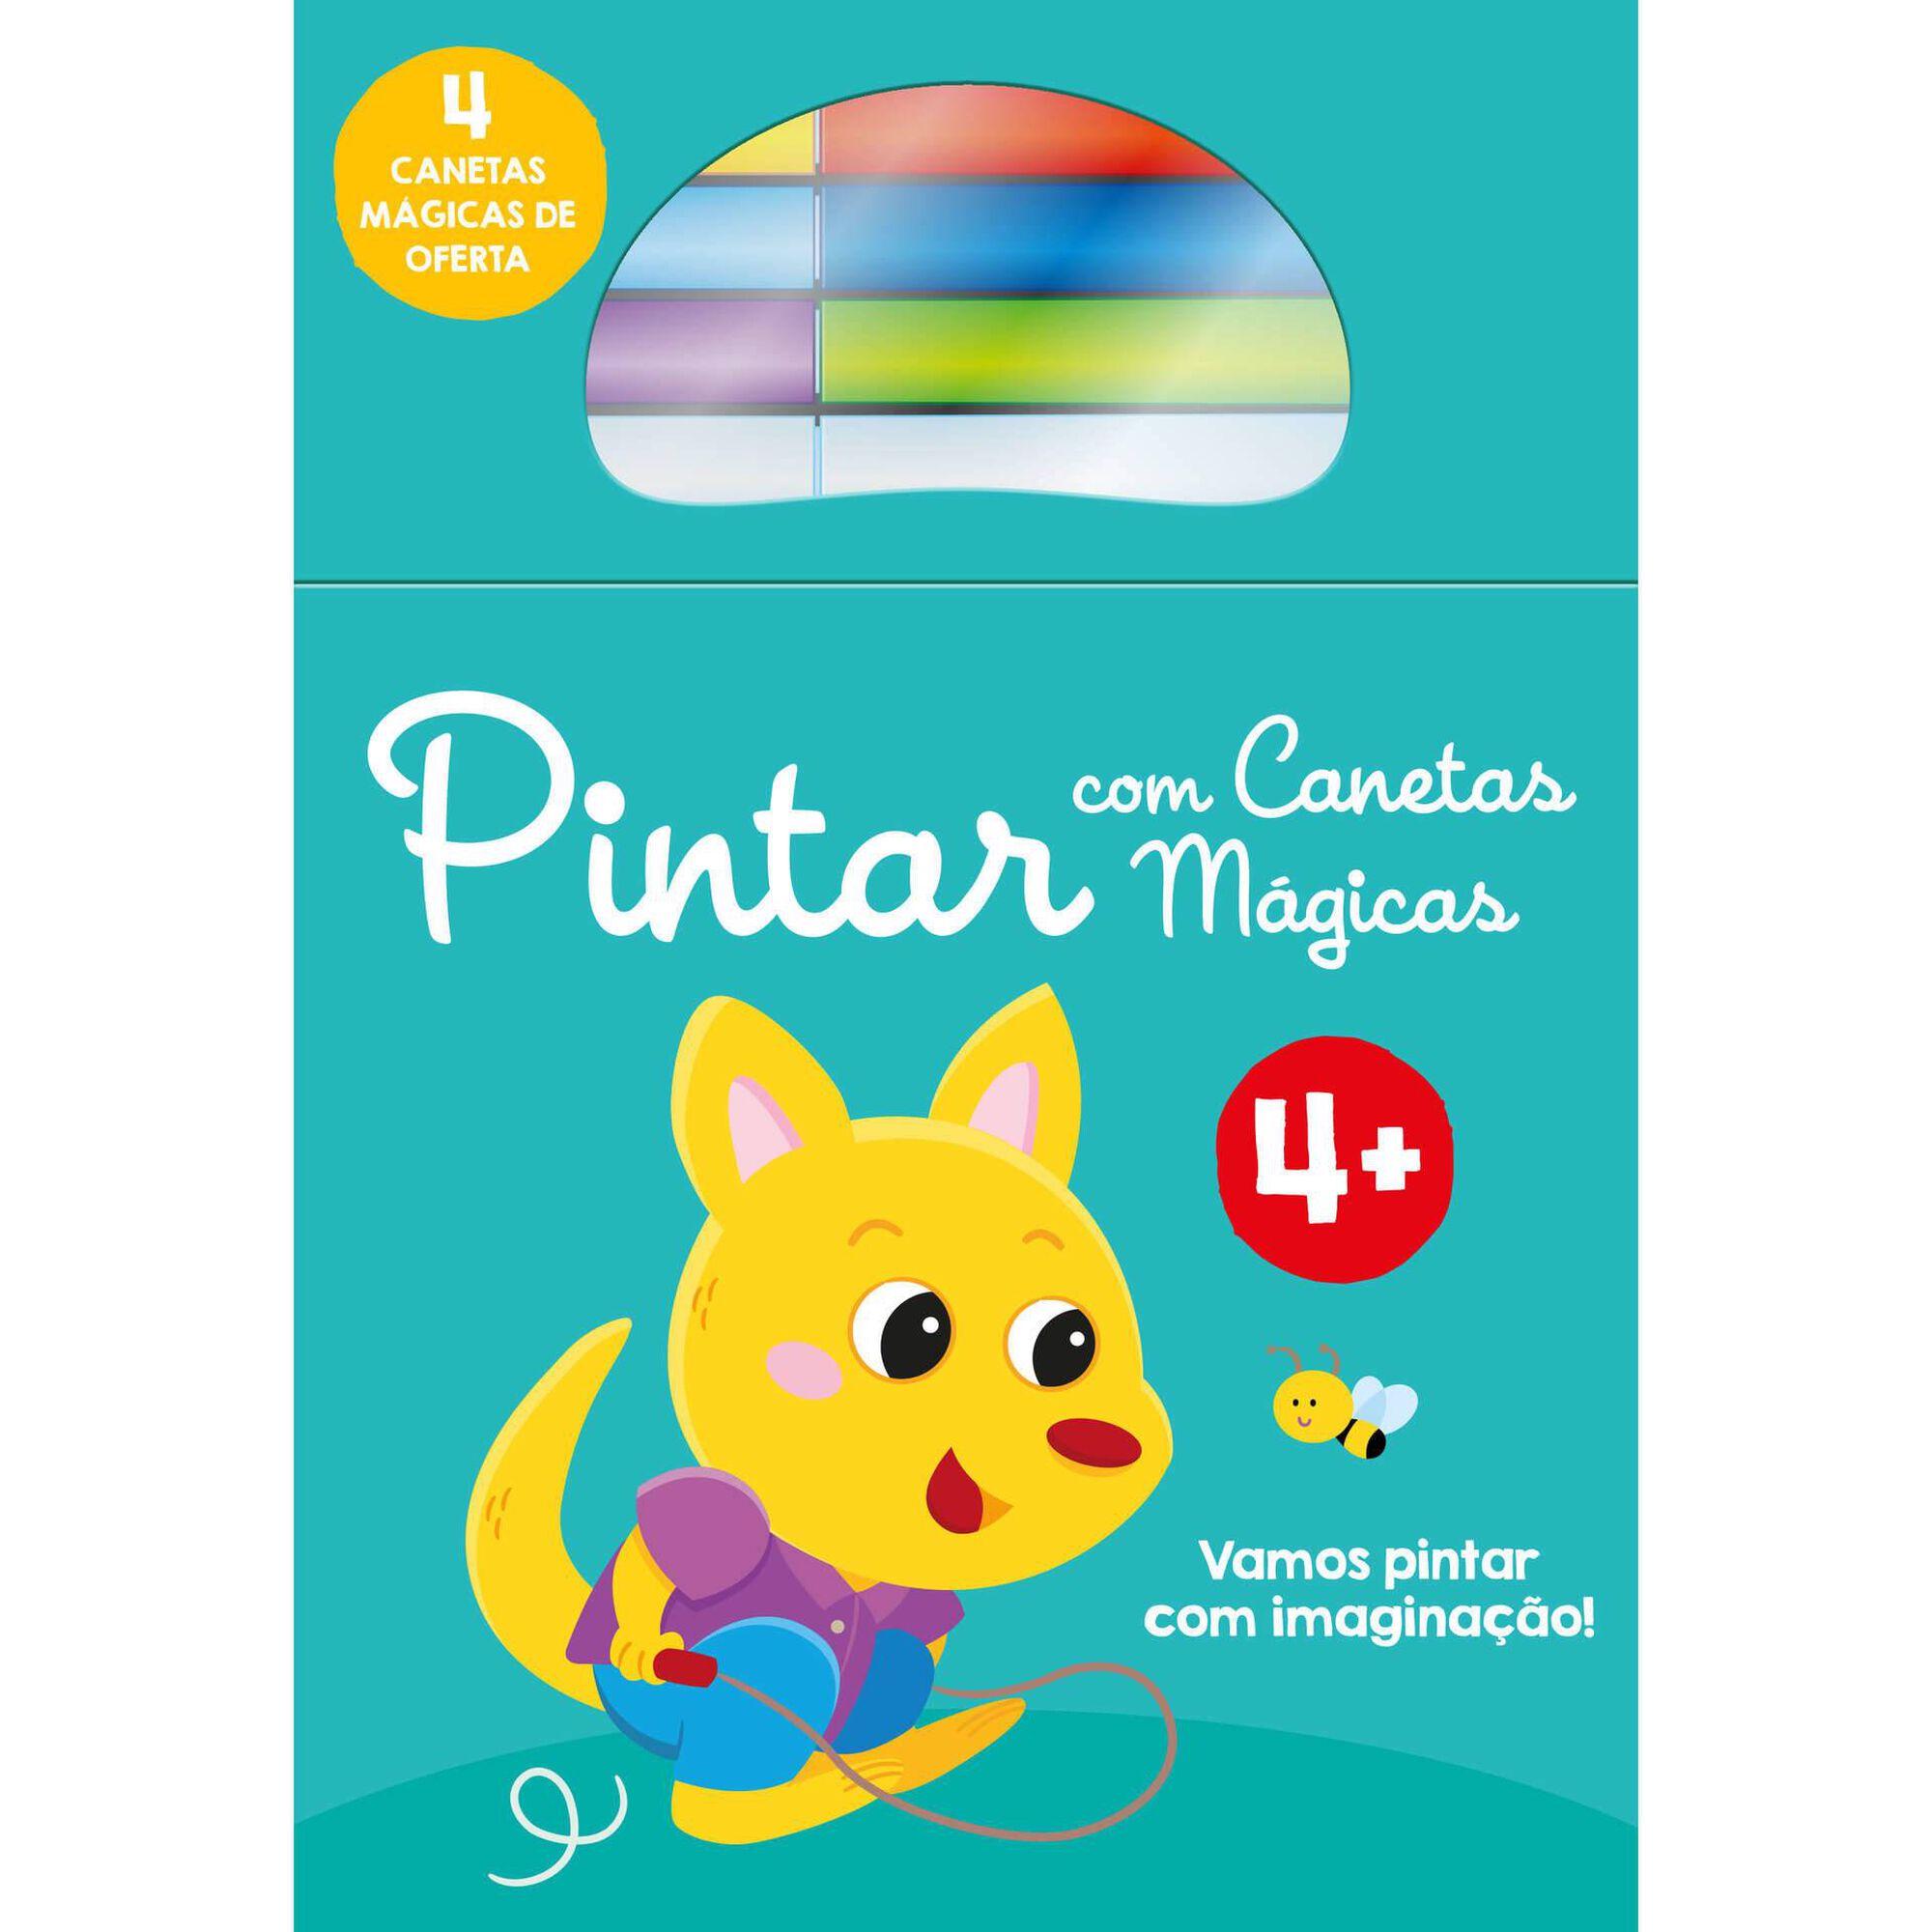 Pintar Com Canetas Mágicas - Canguru